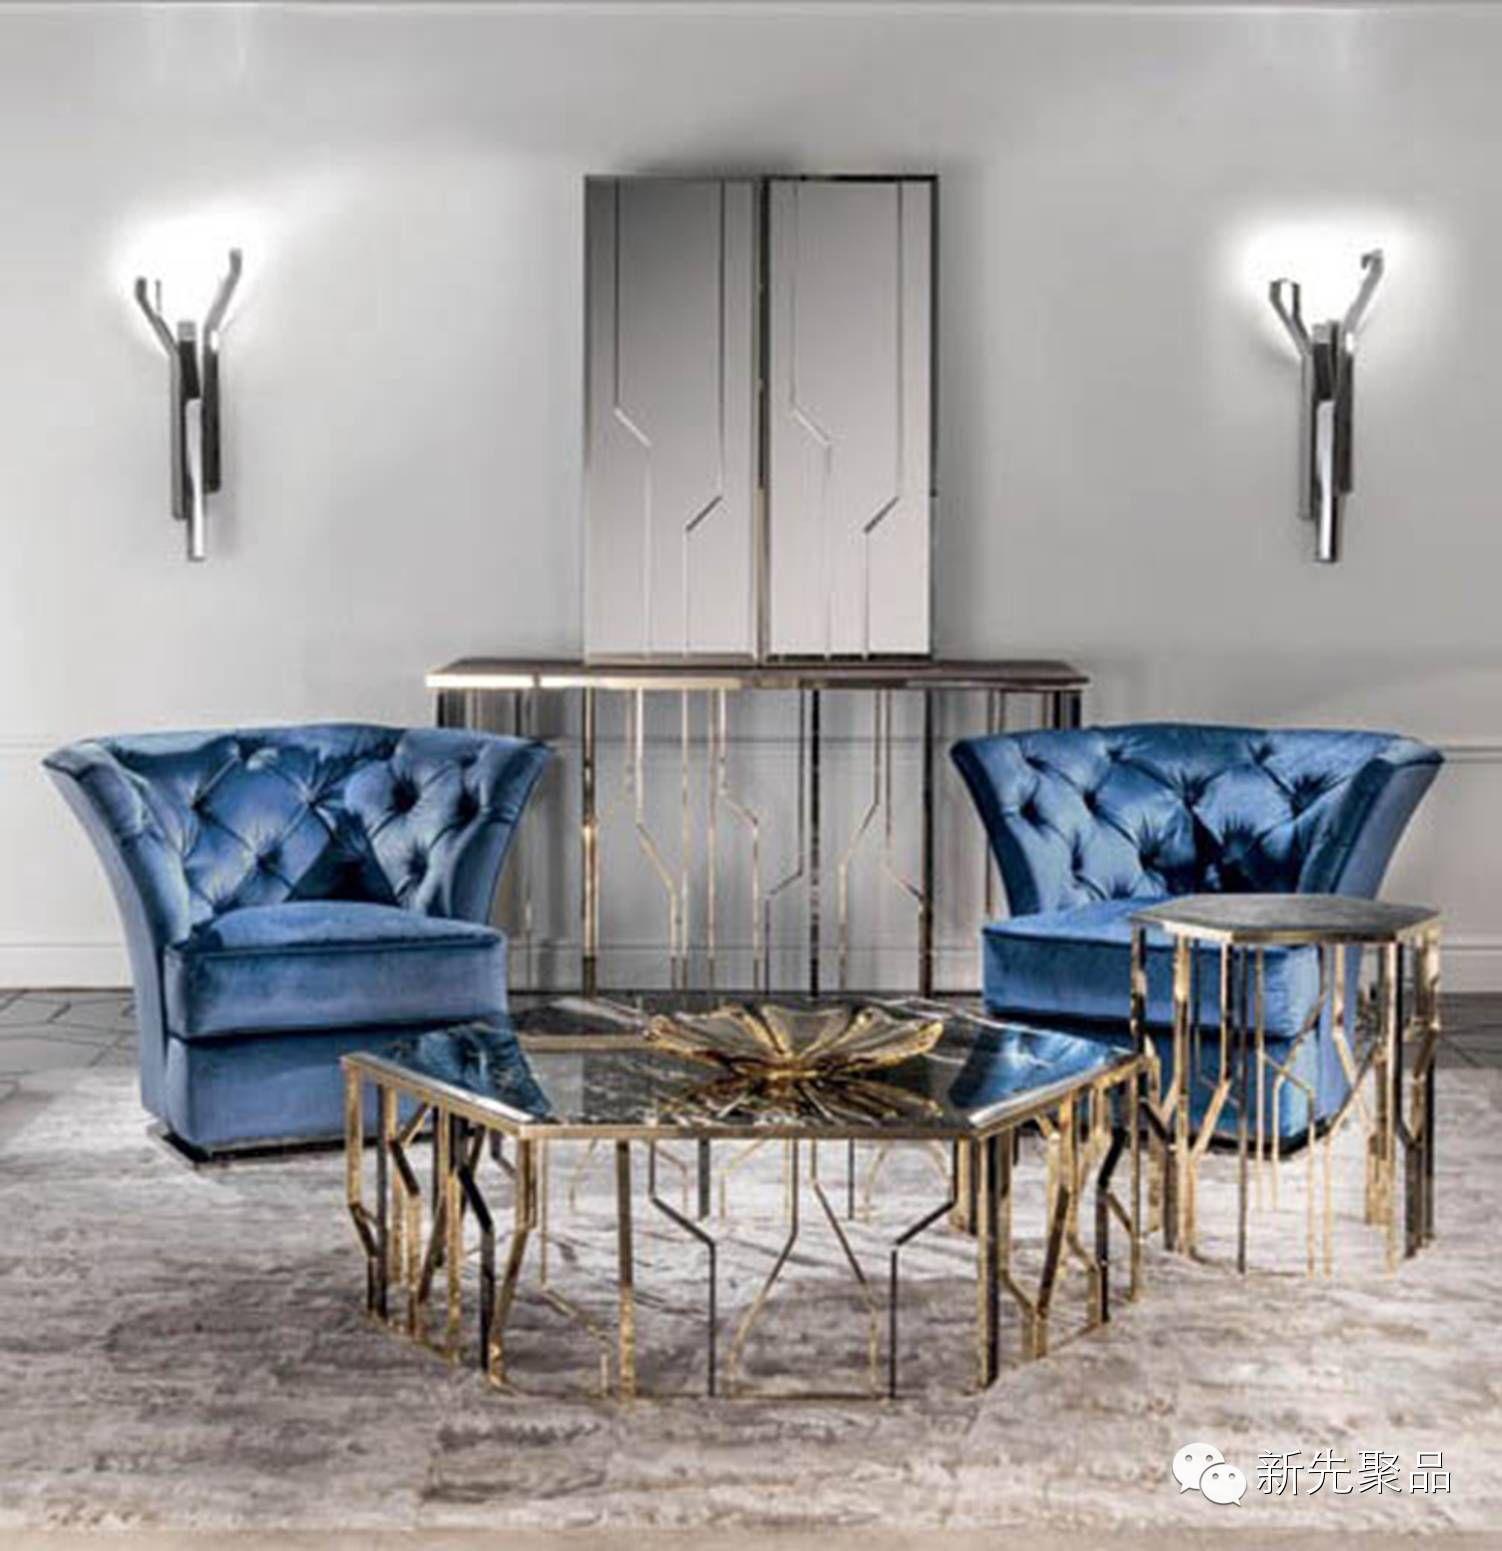 50 Grande Marque De Luxe Italienne De Meubles Expliquer Le Pays Dans Lequel Vous Pouvez Acheter Furniture Furniture Design Italian Furniture